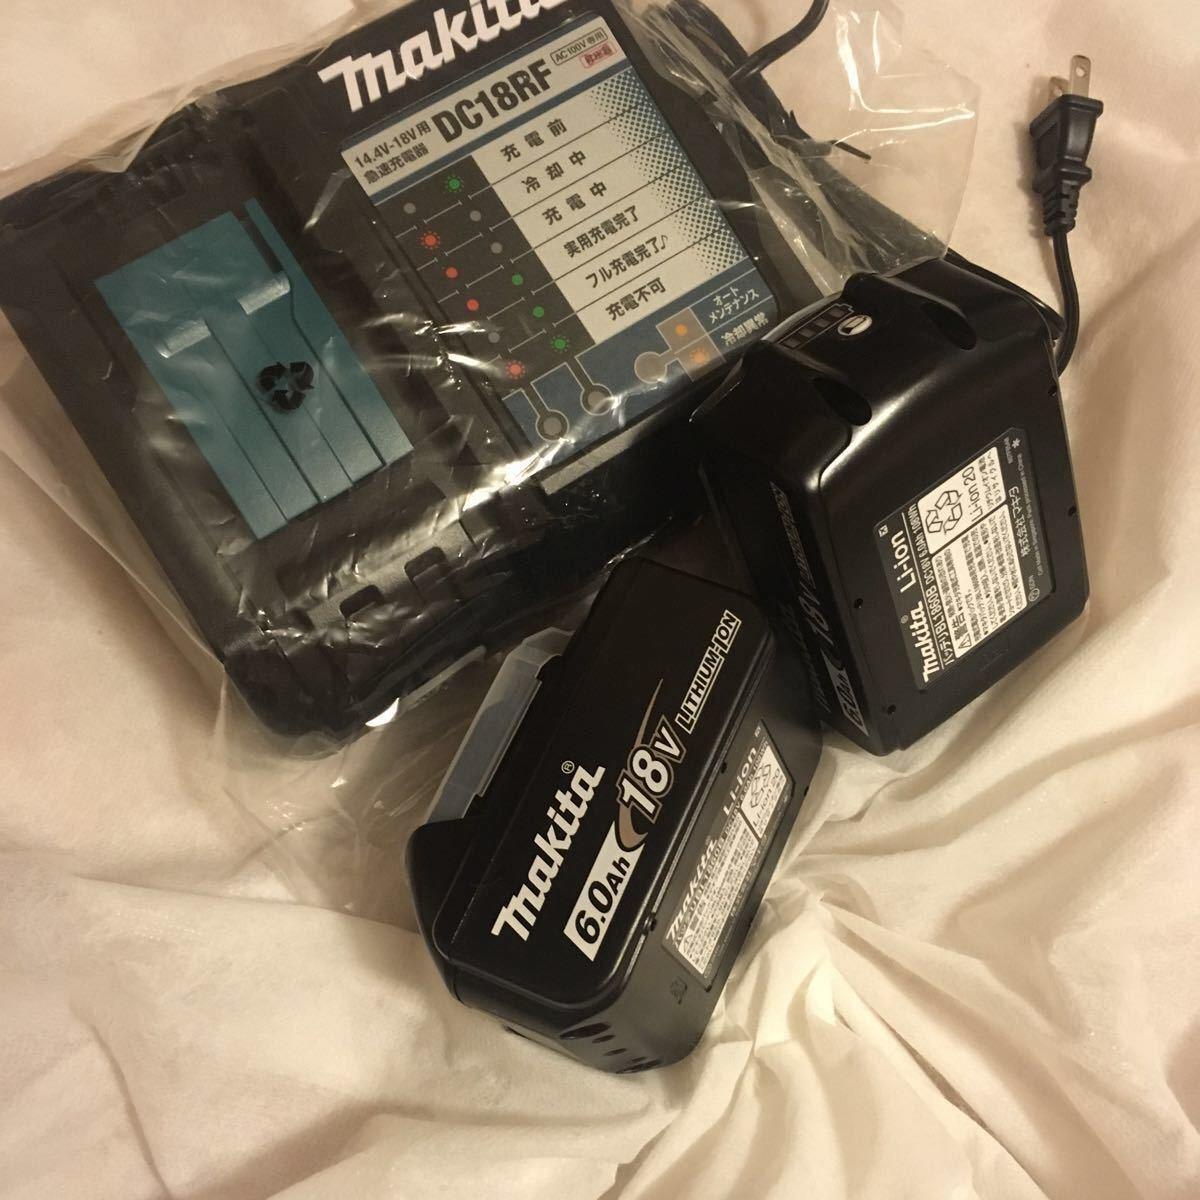 マキタ 18v 最新インパクトドライバーセットばらし品 充電器DC18RF 雪マーク*付きバッテリー1860B2個 ハンマードリル 丸ノコ用⑨